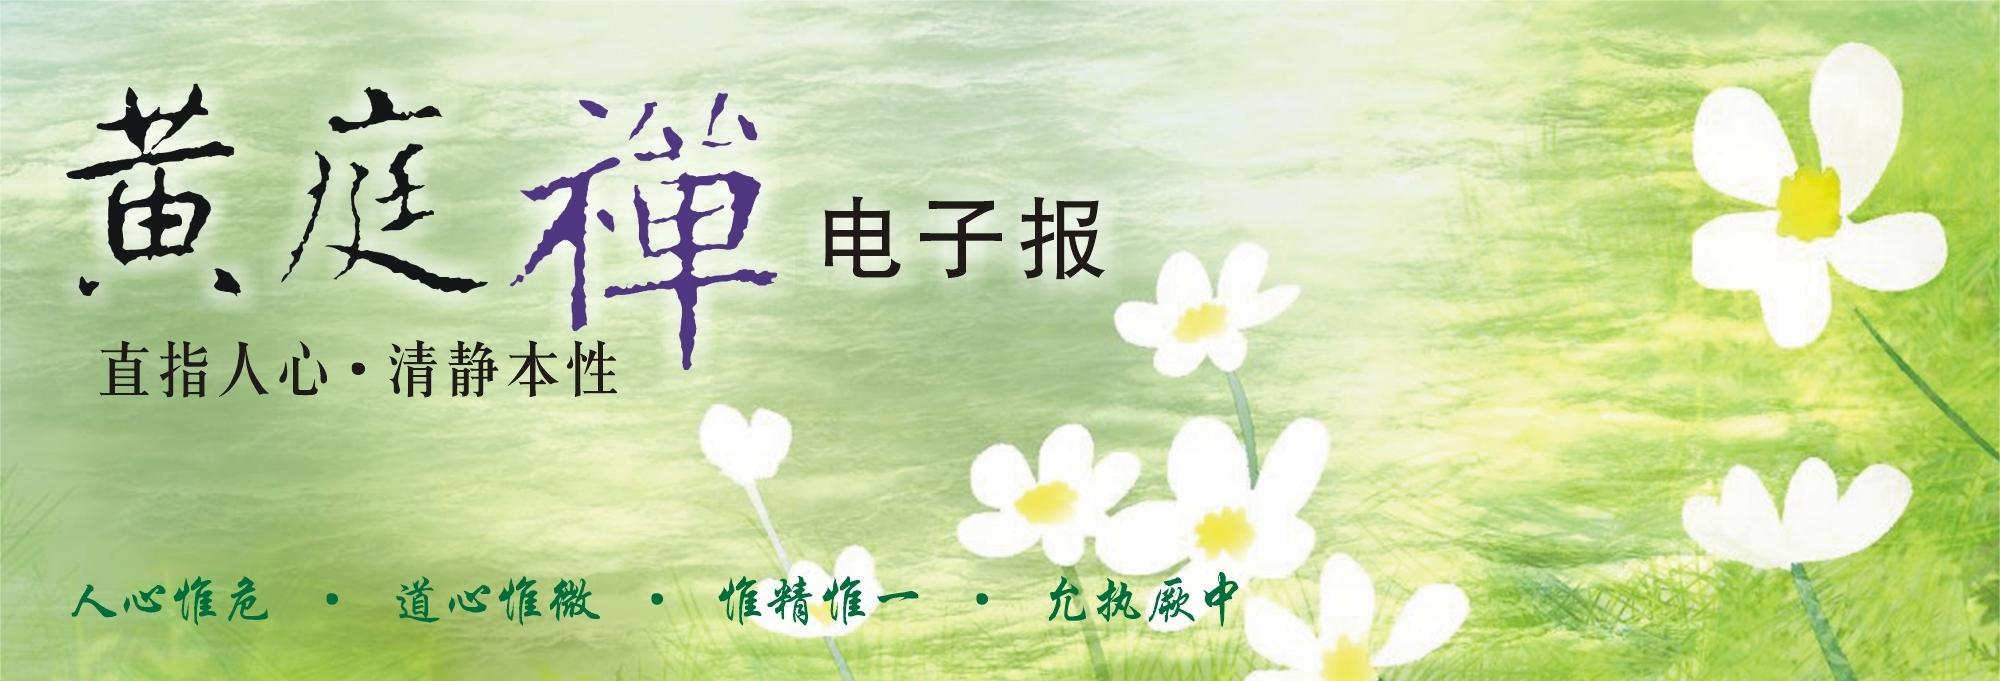 中华黄庭禅学会2017.05.11电子报